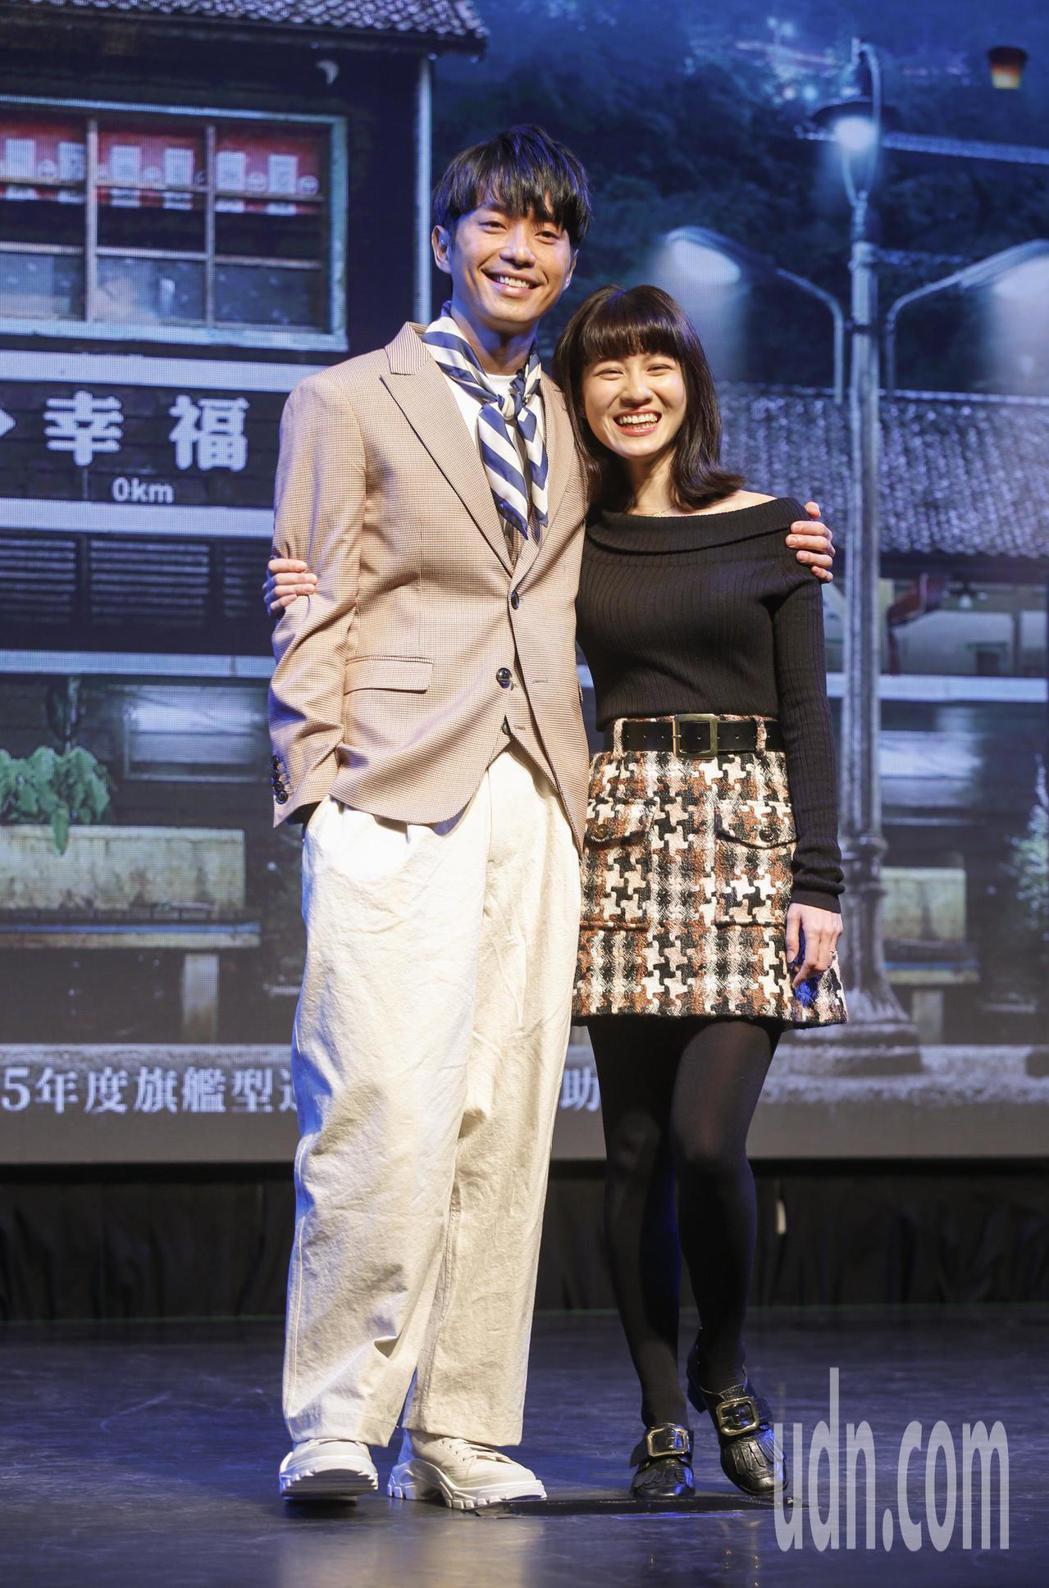 三立新電視劇「一千個晚安」下午在台北三創生活園區舉行特映會,主角張棟樑 (左)與...